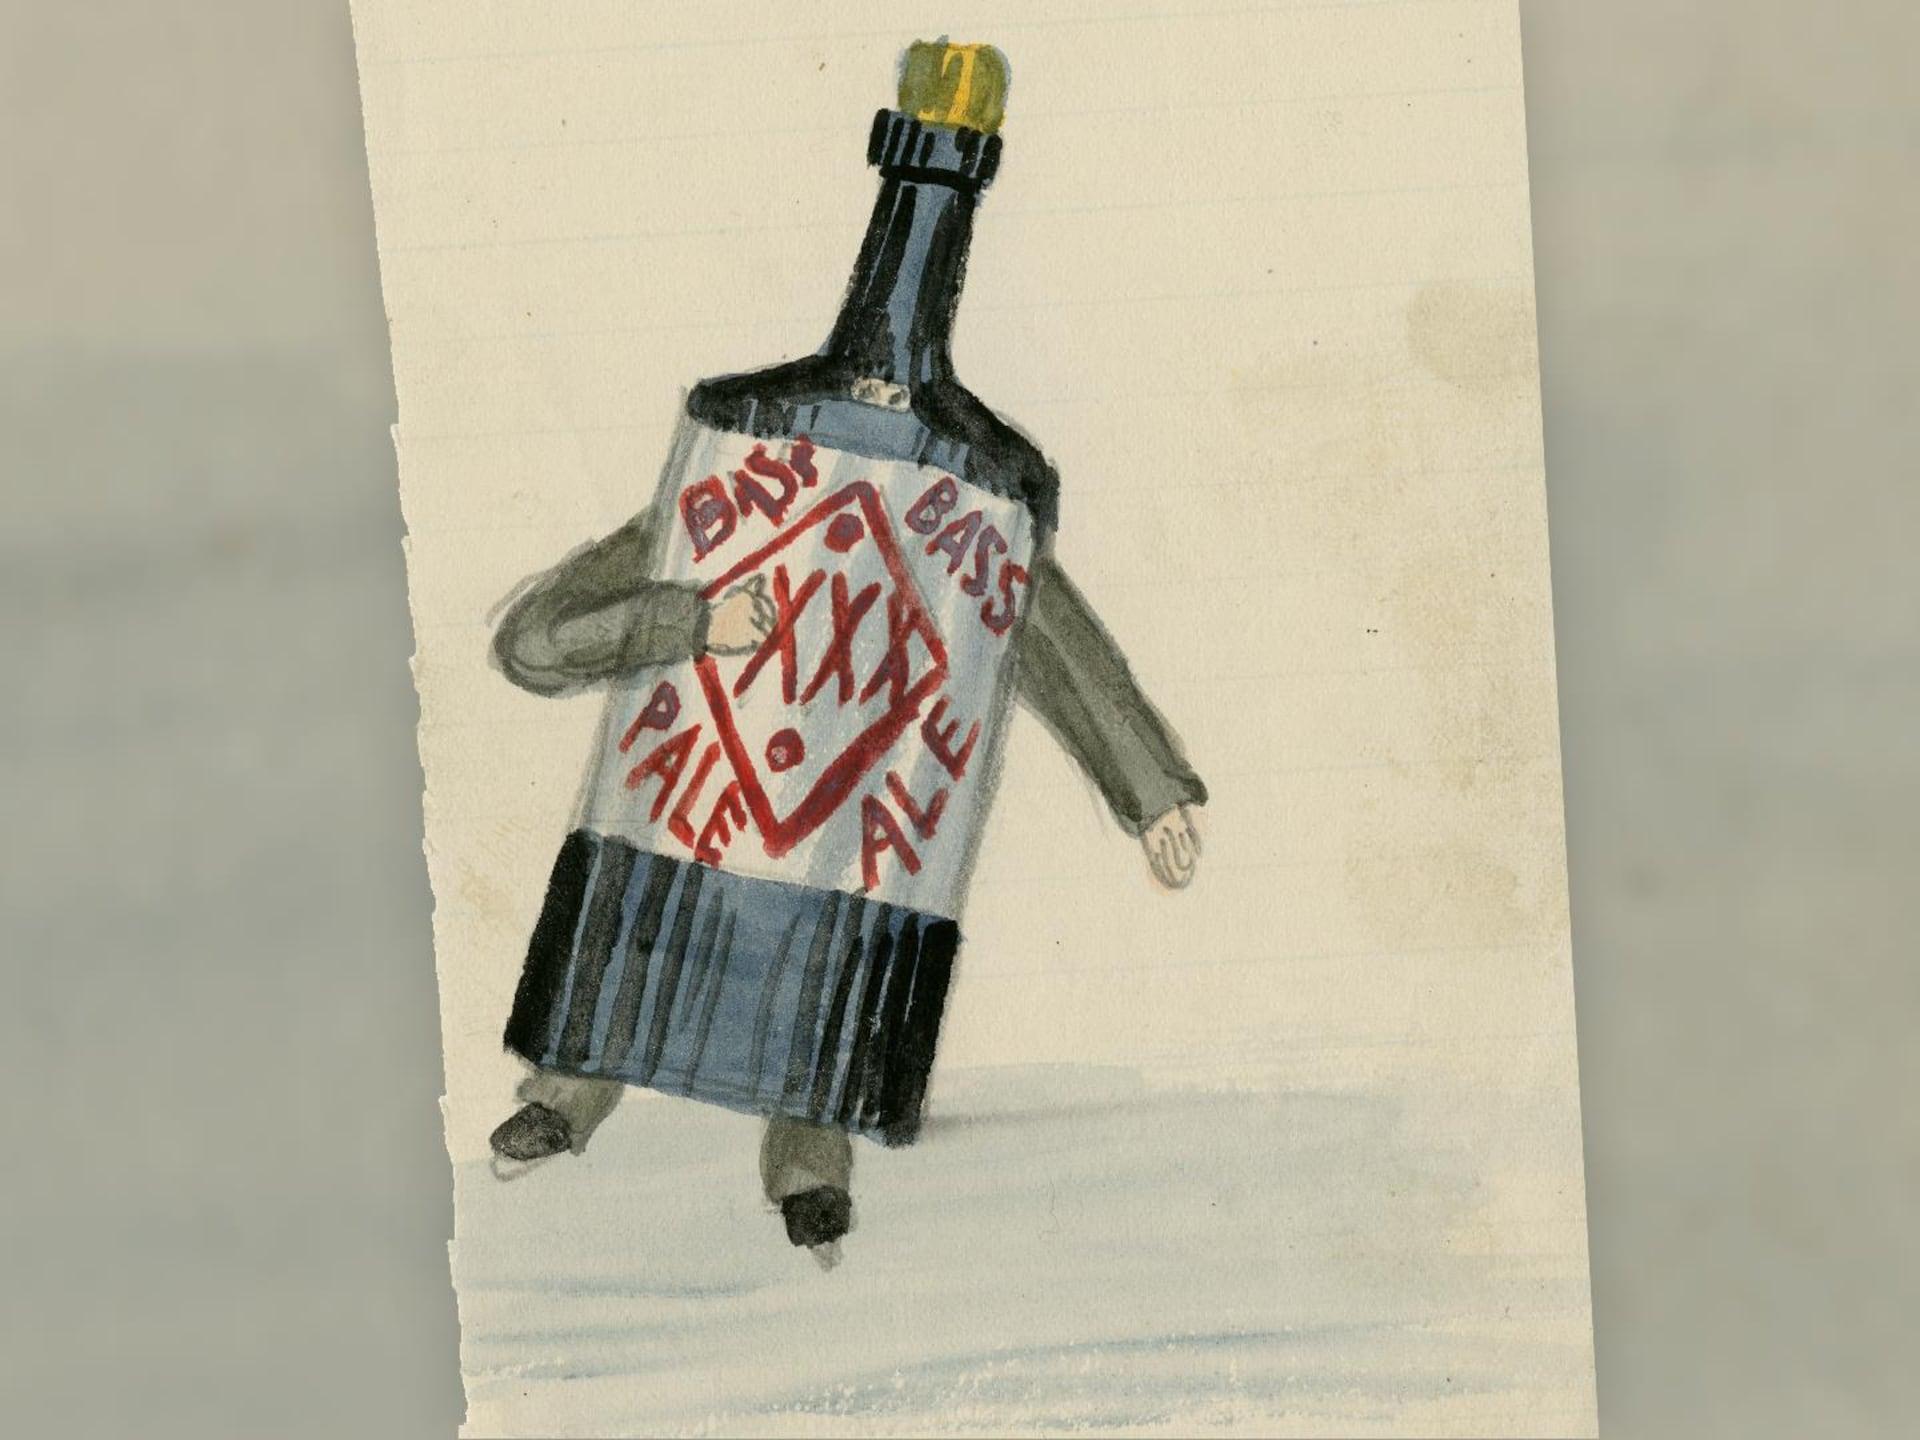 Un patineur déguisé en bouteille de bière Bass Pale Ale en mouvement sur la glace, et on devine qu'il ne doit pas y voir grand-chose, seuls ses yeux sont visibles dans une petite fente.